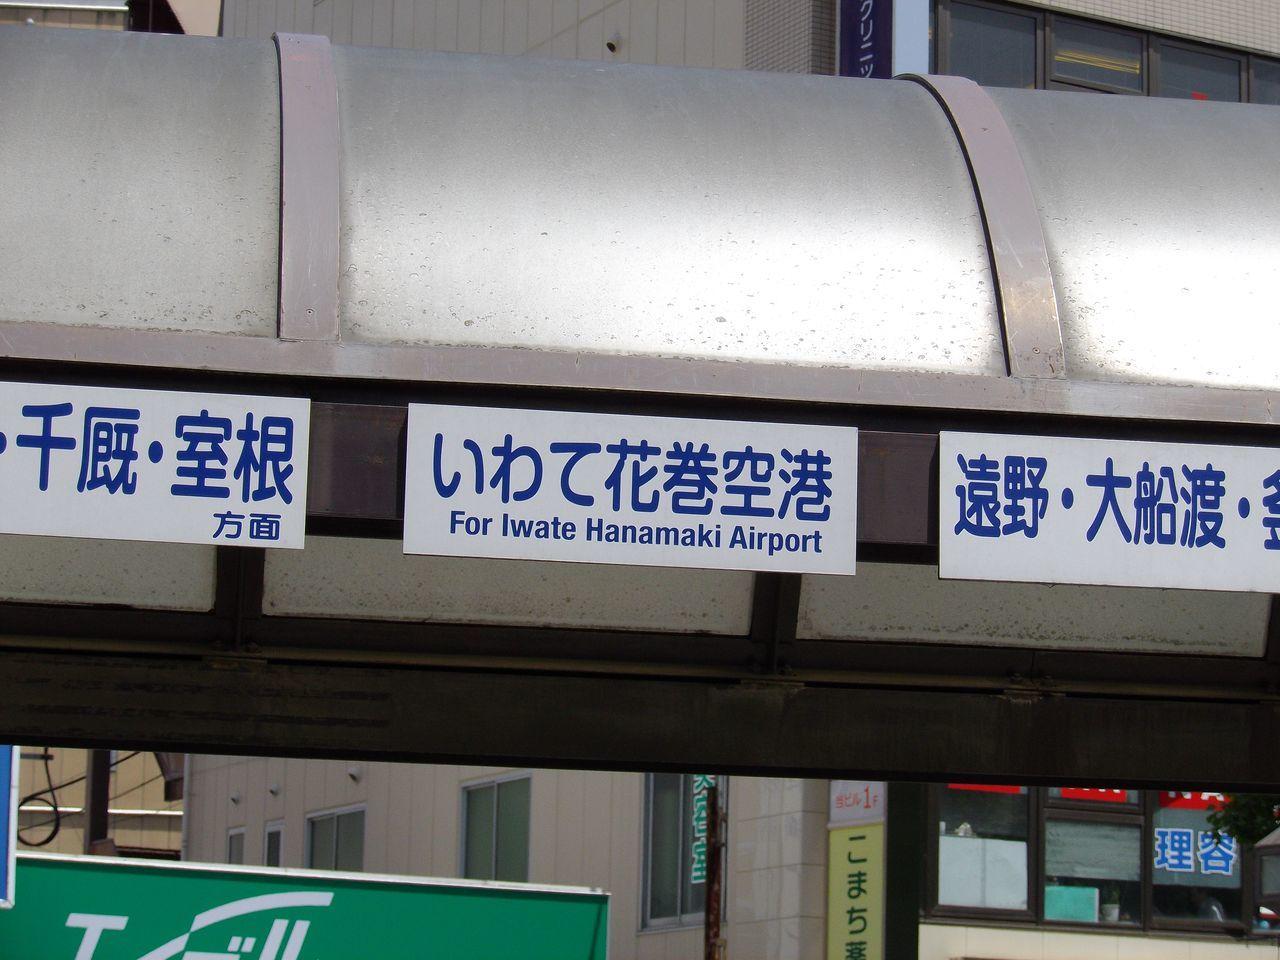 札幌へ_c0025115_22035628.jpg